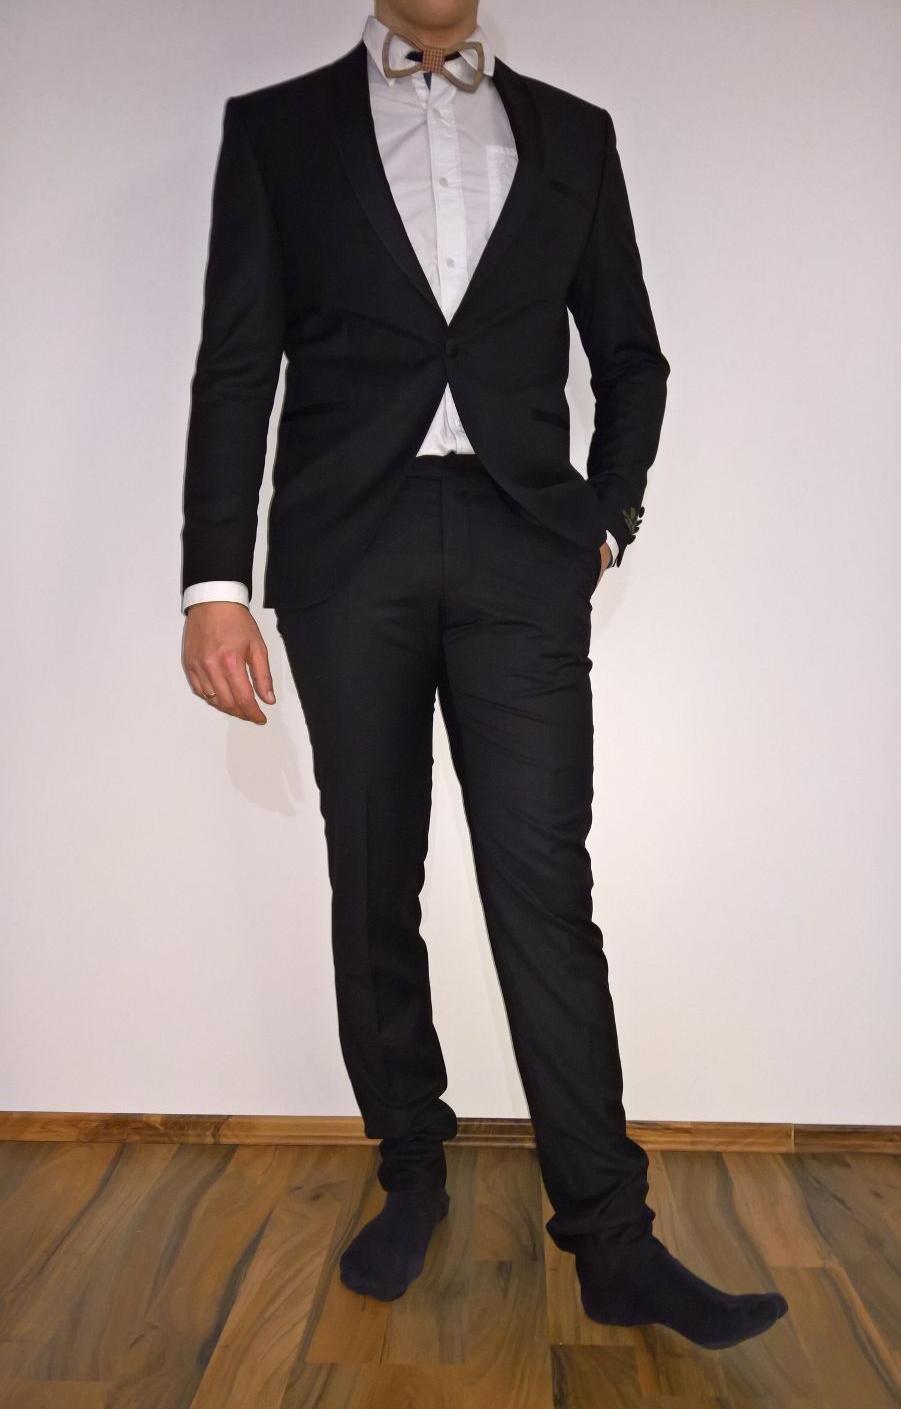 Bond, James Bond [preiswerter Smoking von Paco Romano (5 von 5)] im Produkttest